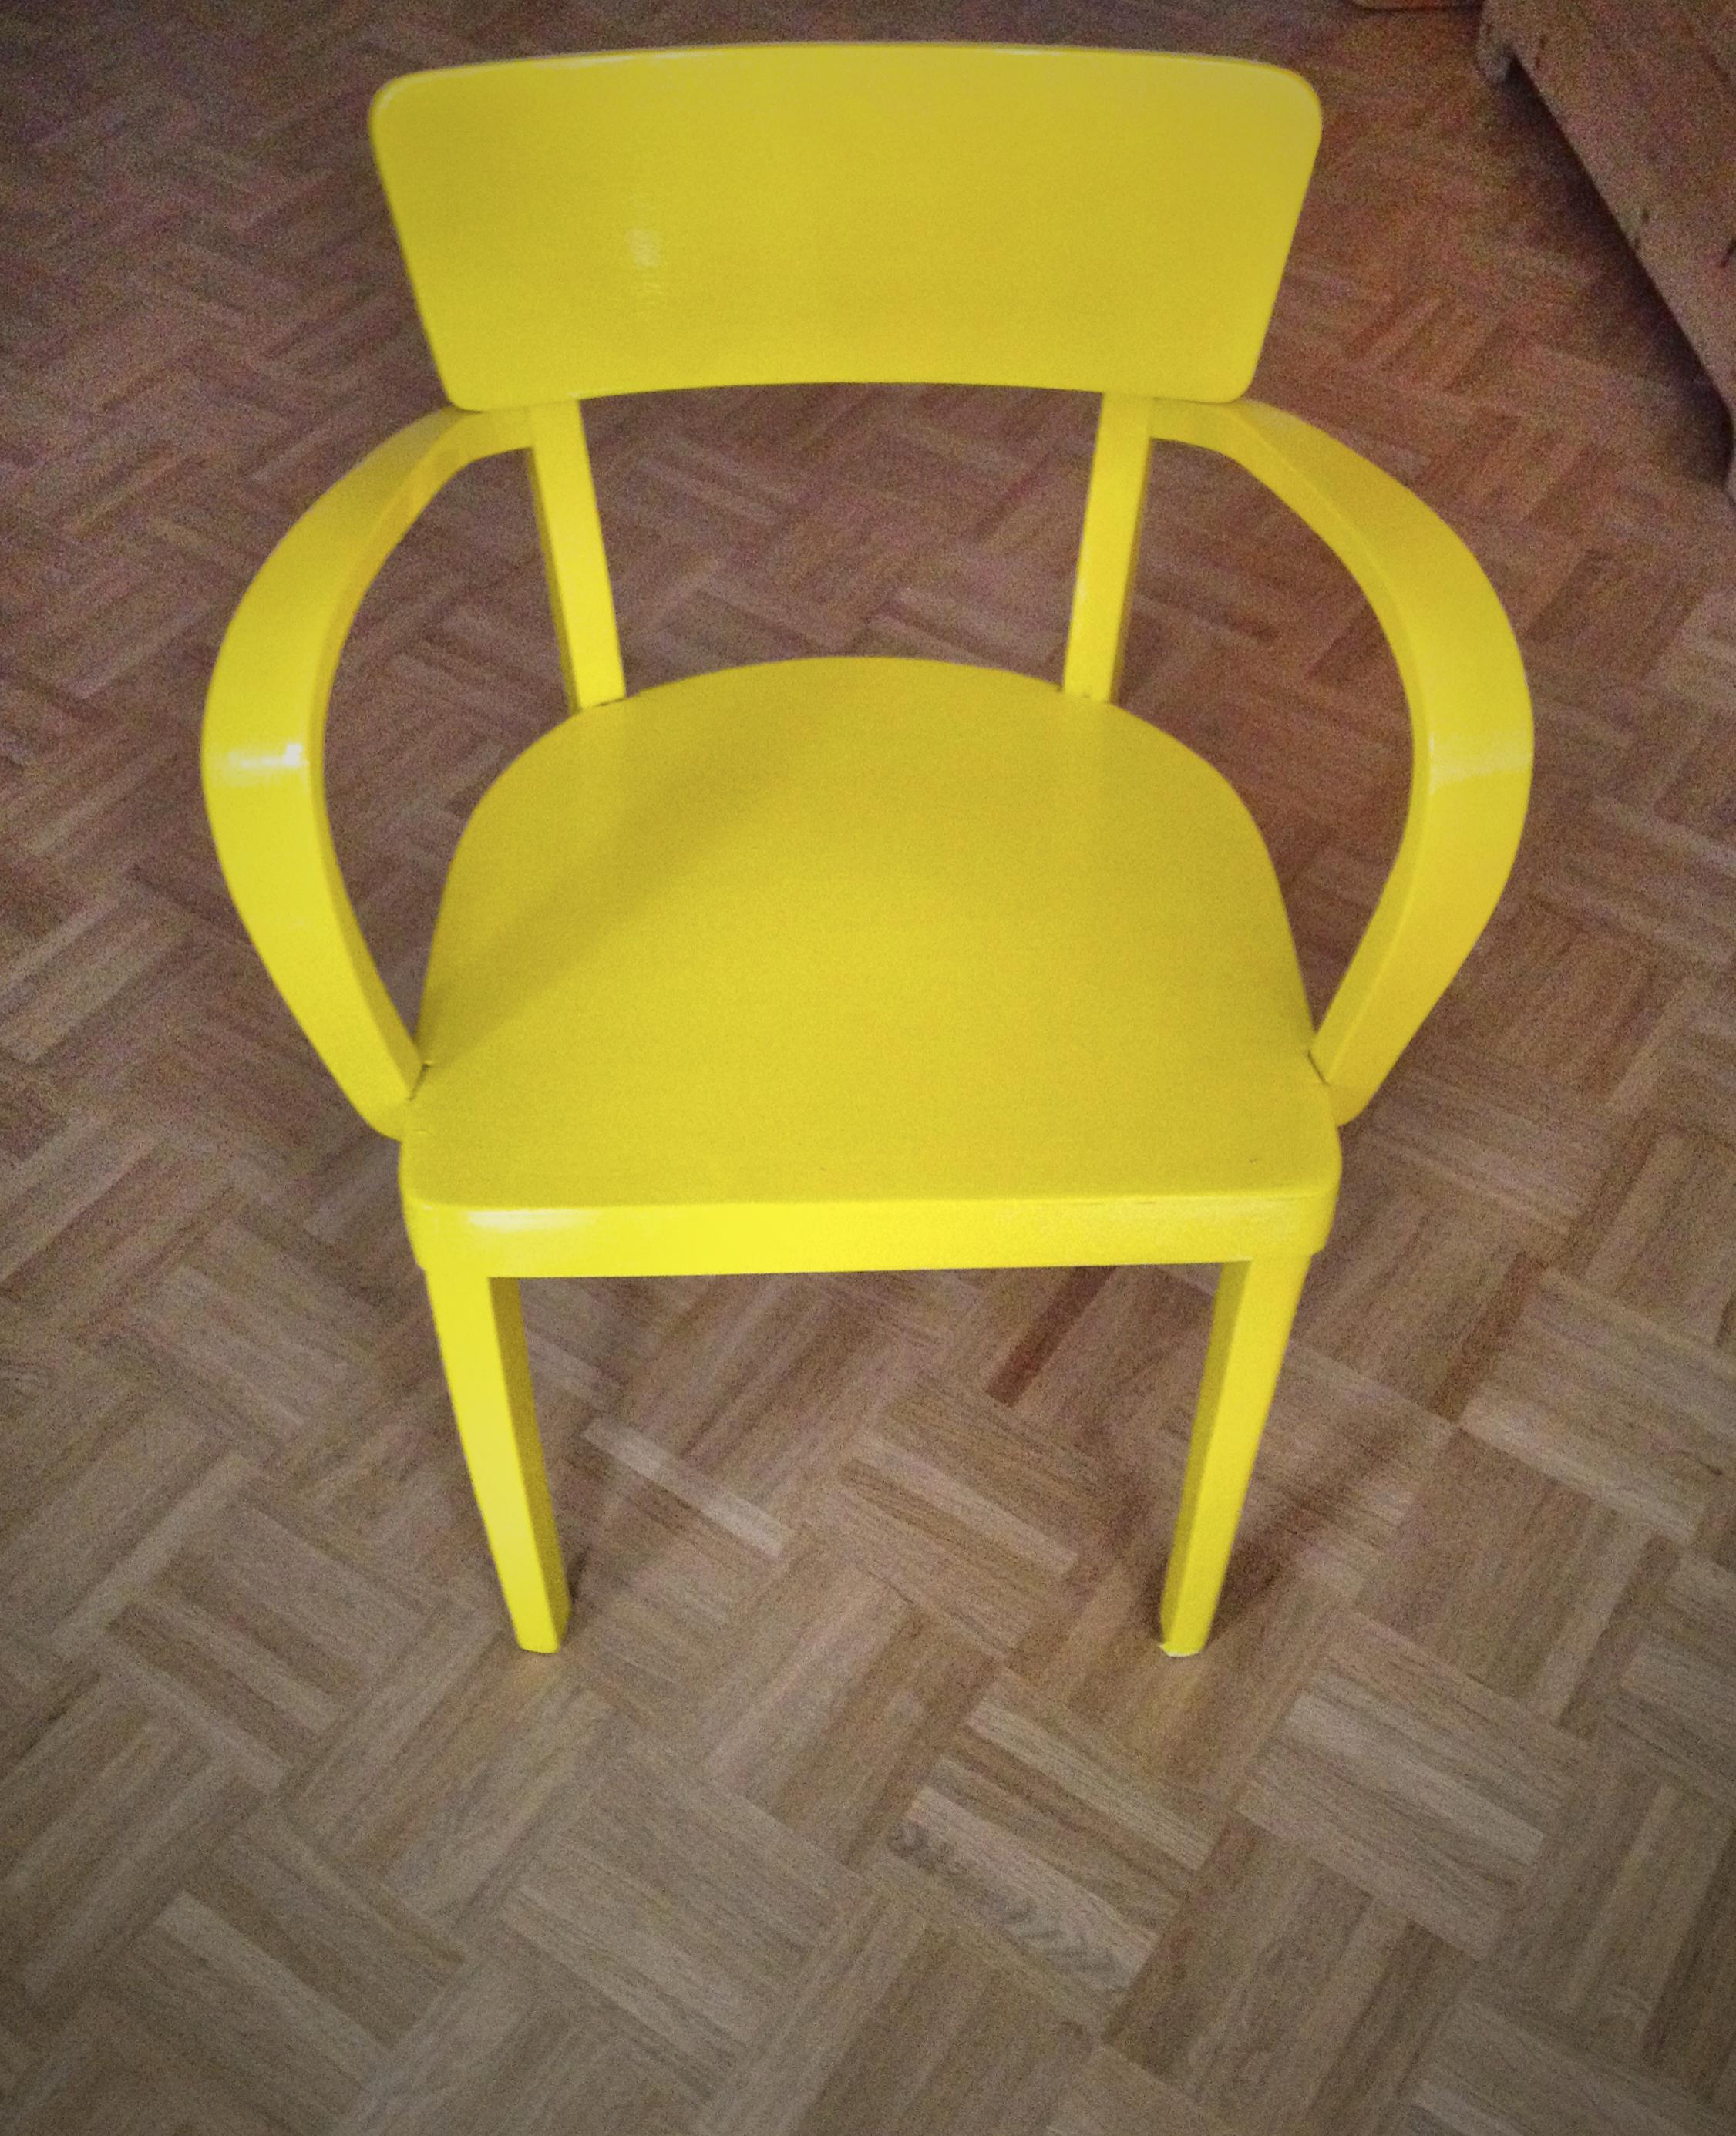 Mein Neuer Sonnengelber Stuhl Strickstern